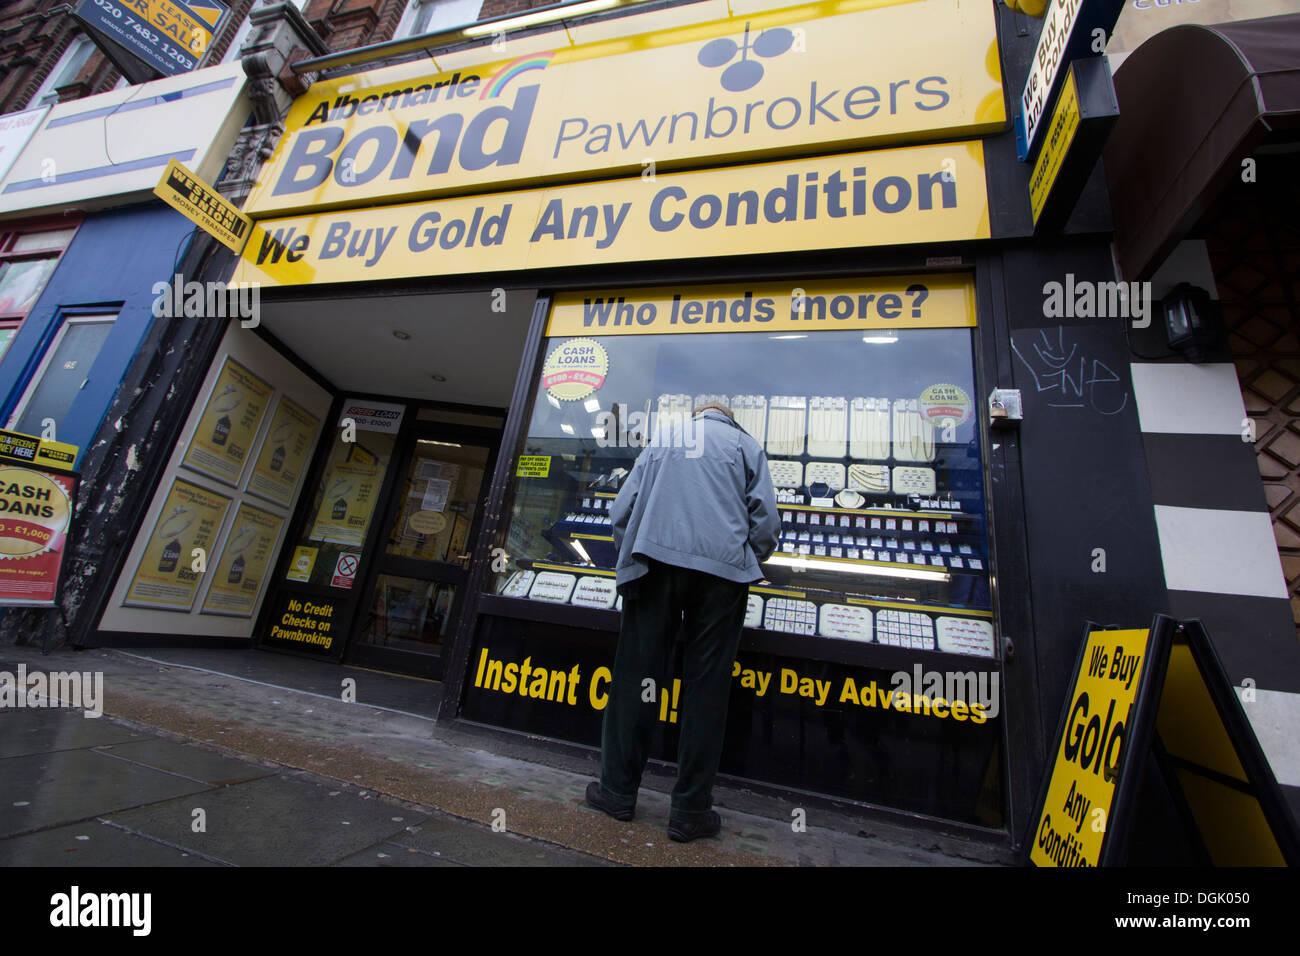 Albemarle Bond Shepherds Bush London, Albemarle legame sono la Gran Bretagna è più grande pawnbrokers e rivenditore di gioielli Immagini Stock